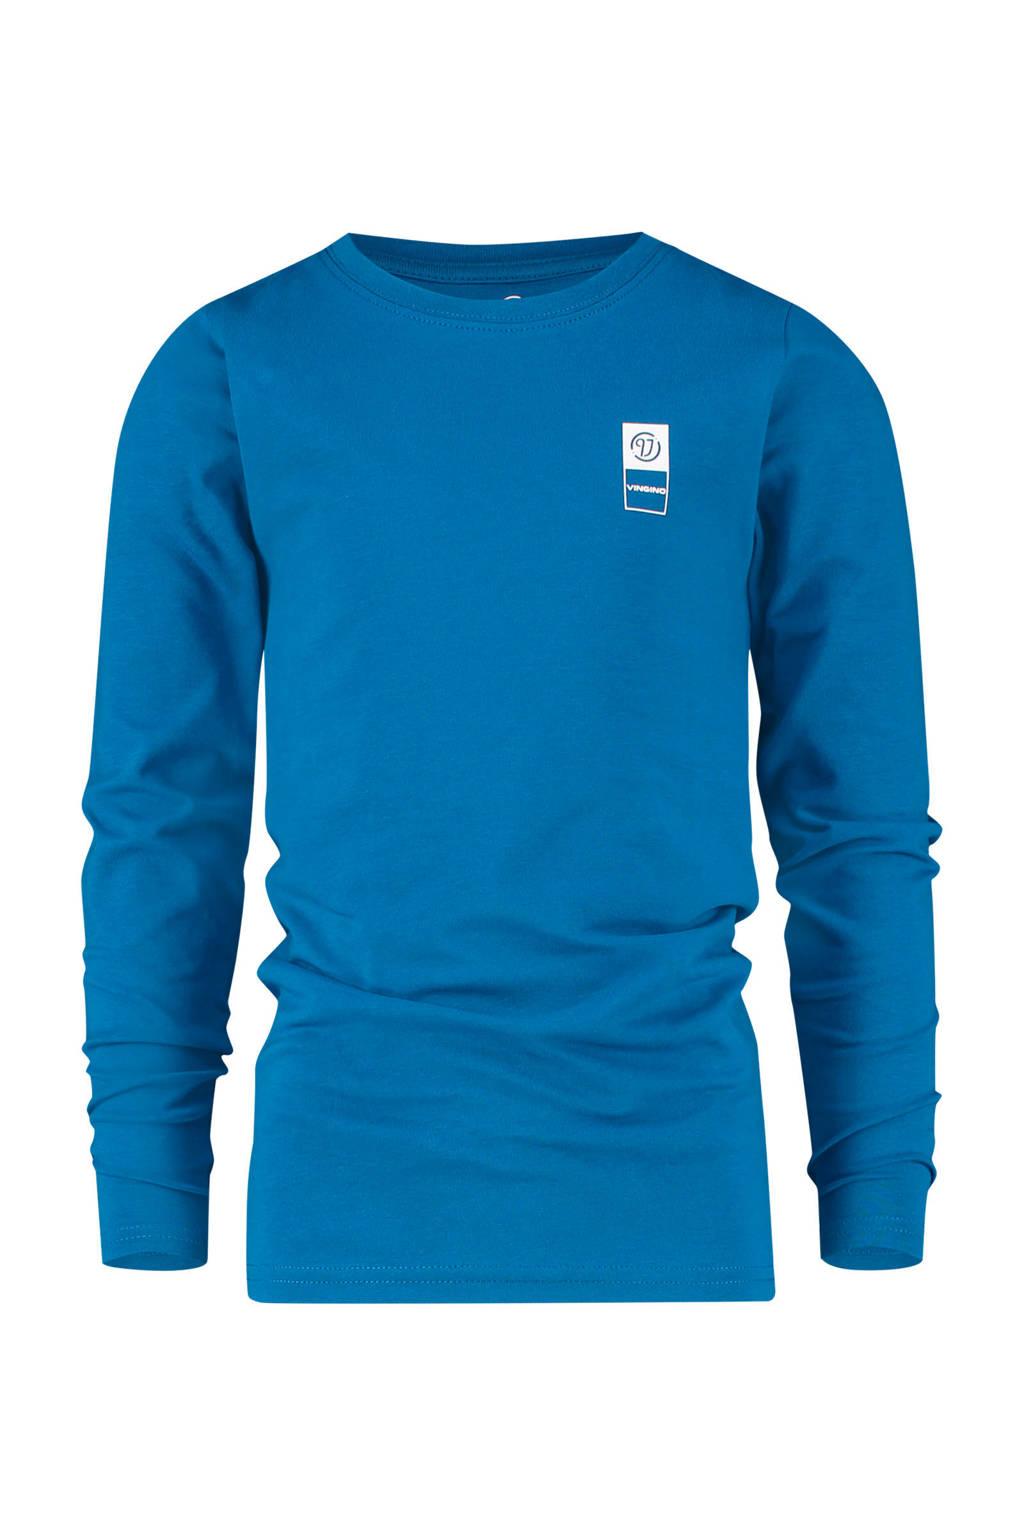 Vingino Essentials longsleeve met biologisch katoen blauw, Blauw